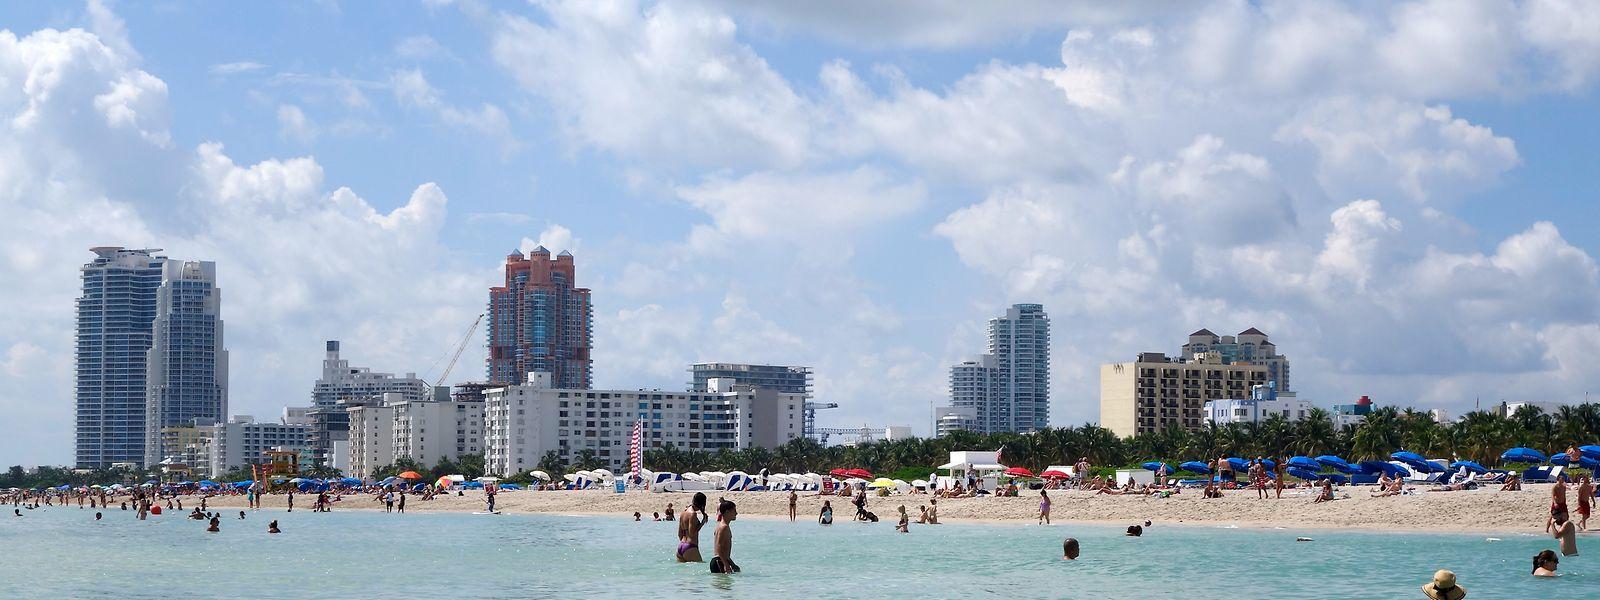 Miami ist eine Großstadt mit Strand, der Miami Beach ist weltberühmt - dort sind Plastikbecher ausUmweltschutzgründen verboten.